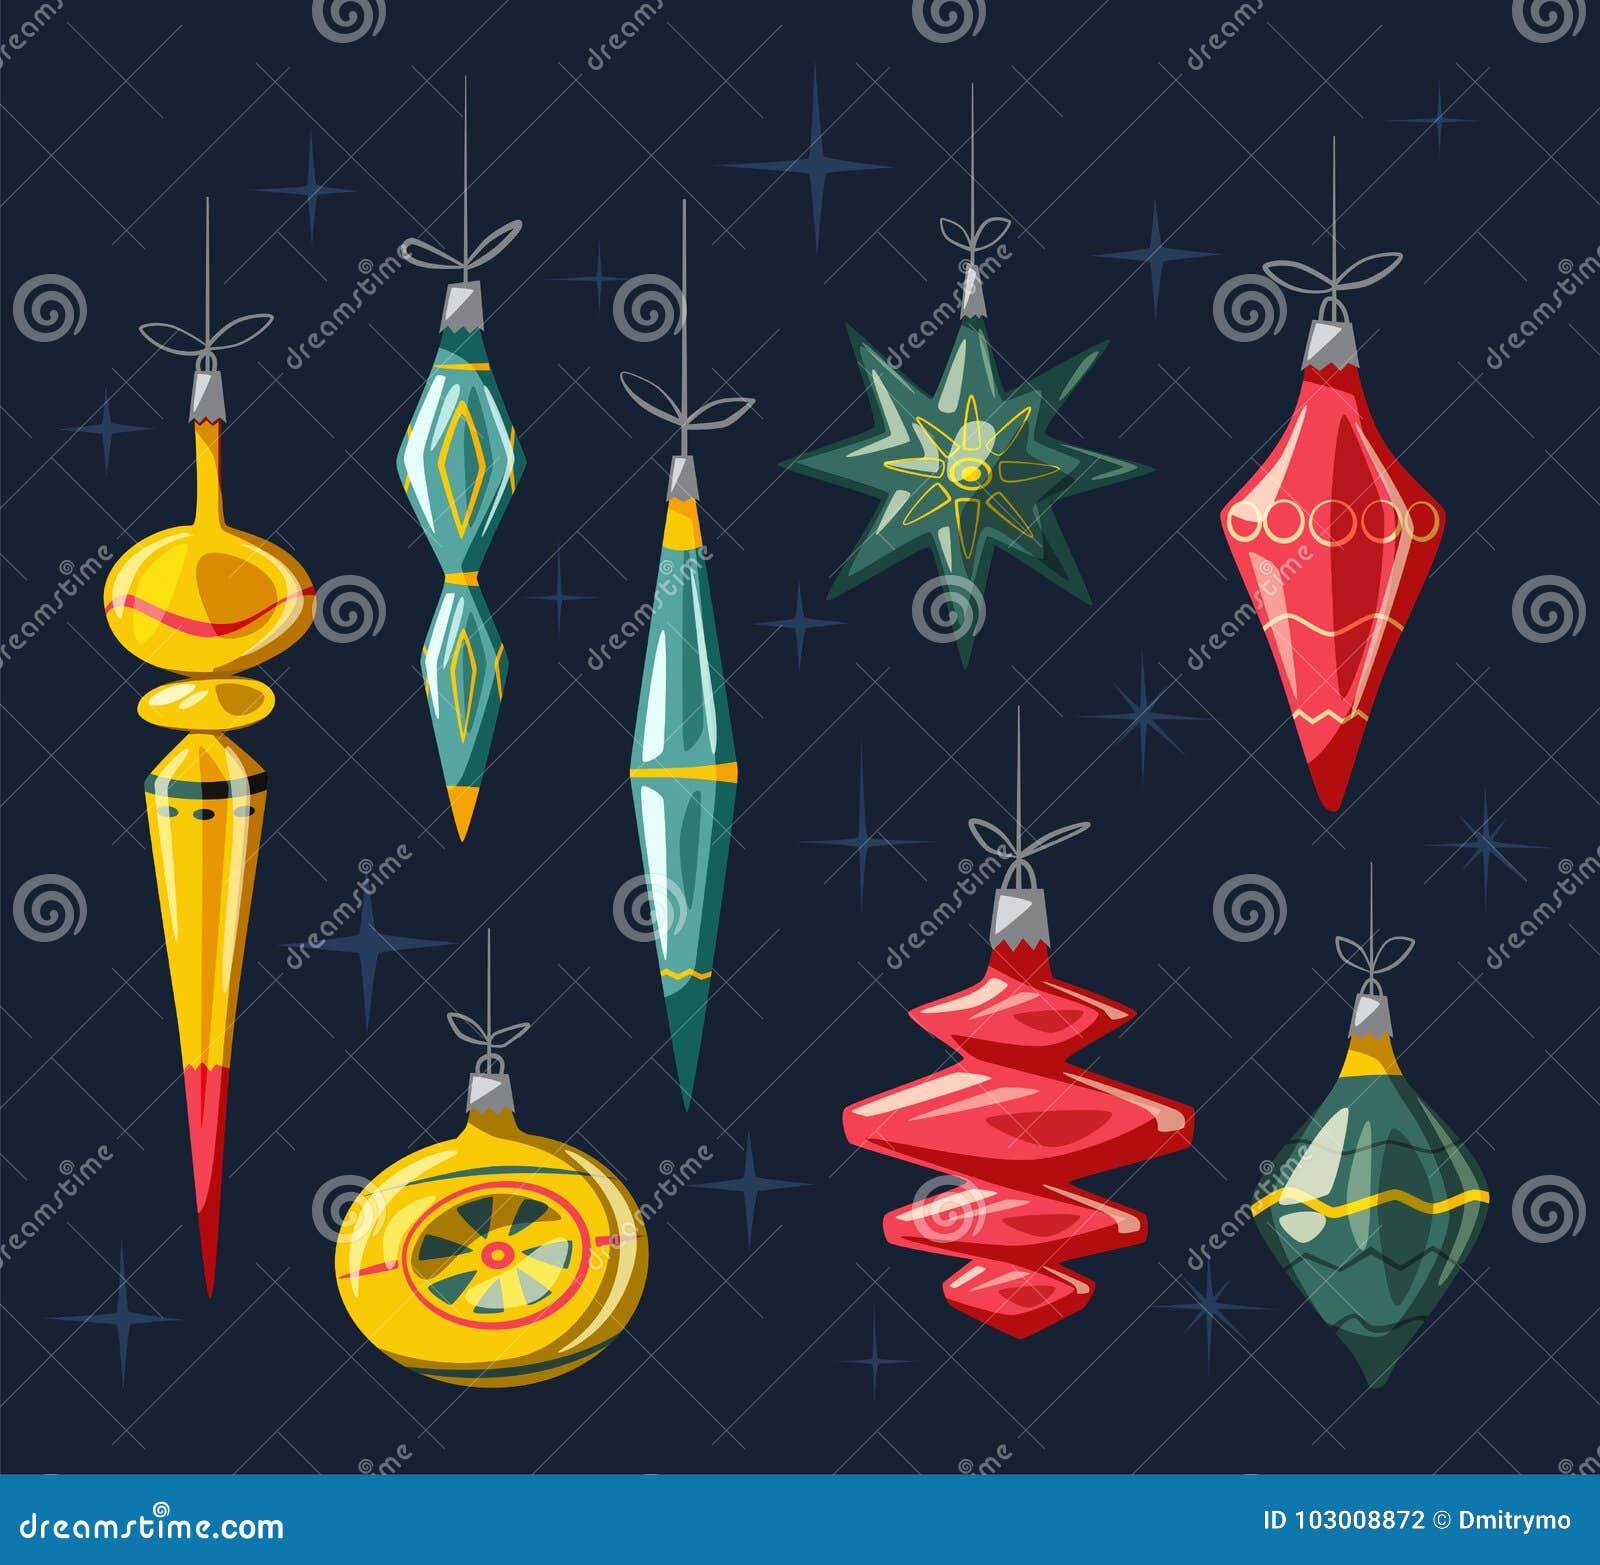 Decorazioni Di Natale Con Il Nastro E L'arco Illustrazione ...